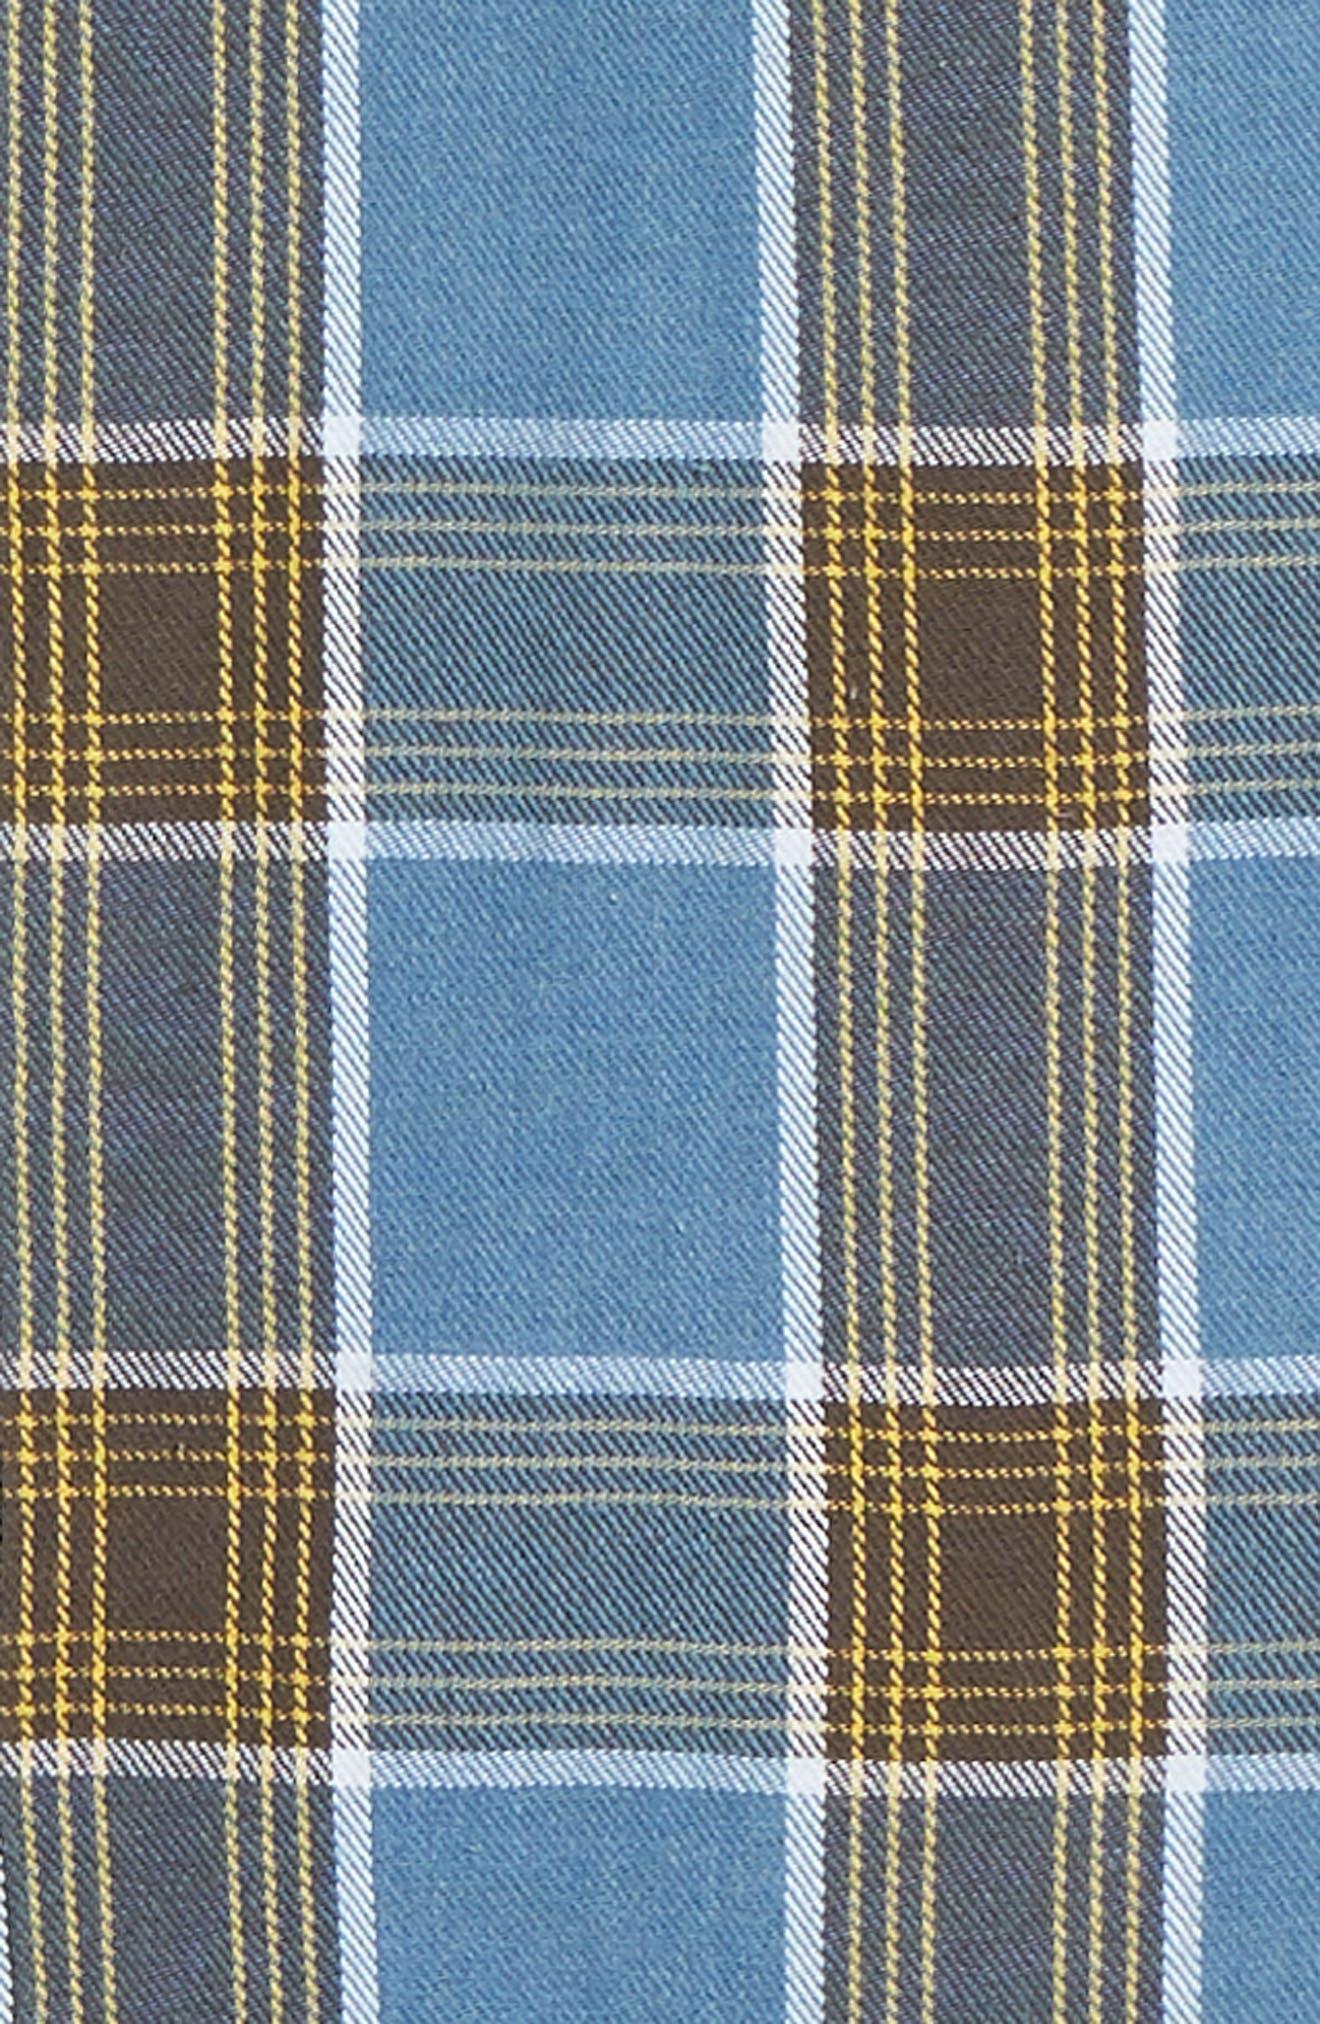 Plaid Flannel Shirt,                             Alternate thumbnail 6, color,                             450